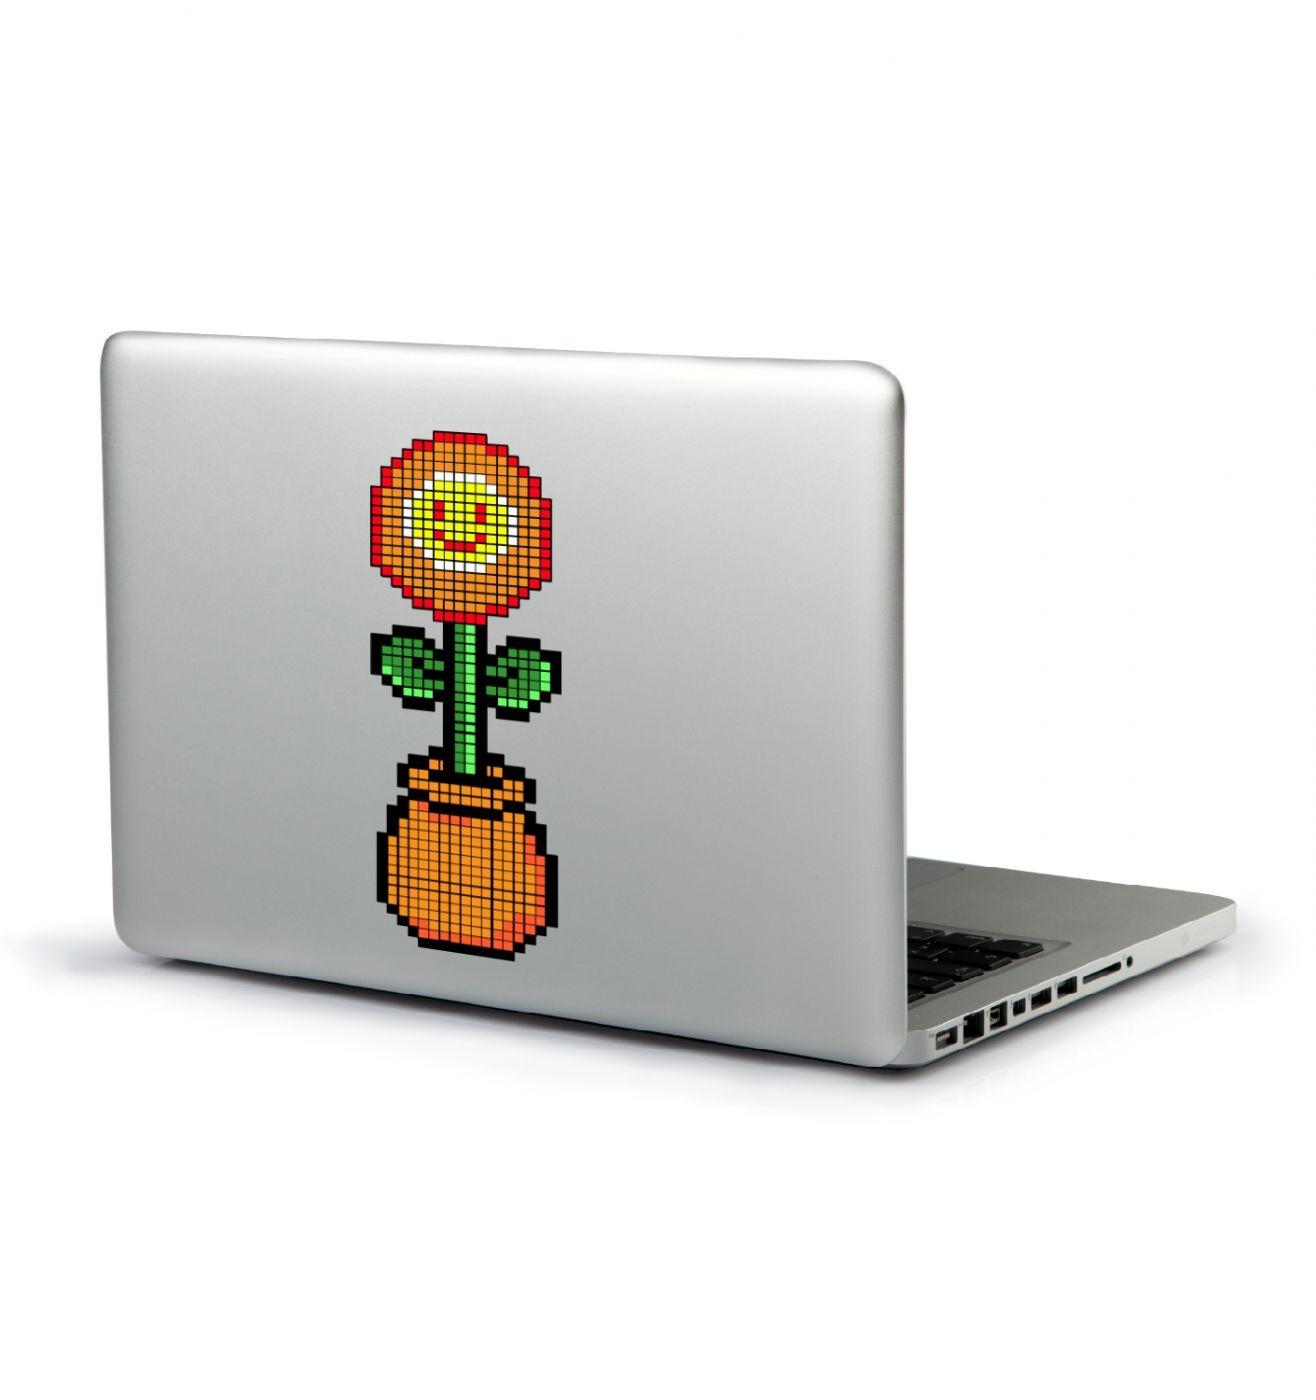 8-bit Red Flower laptop sticker